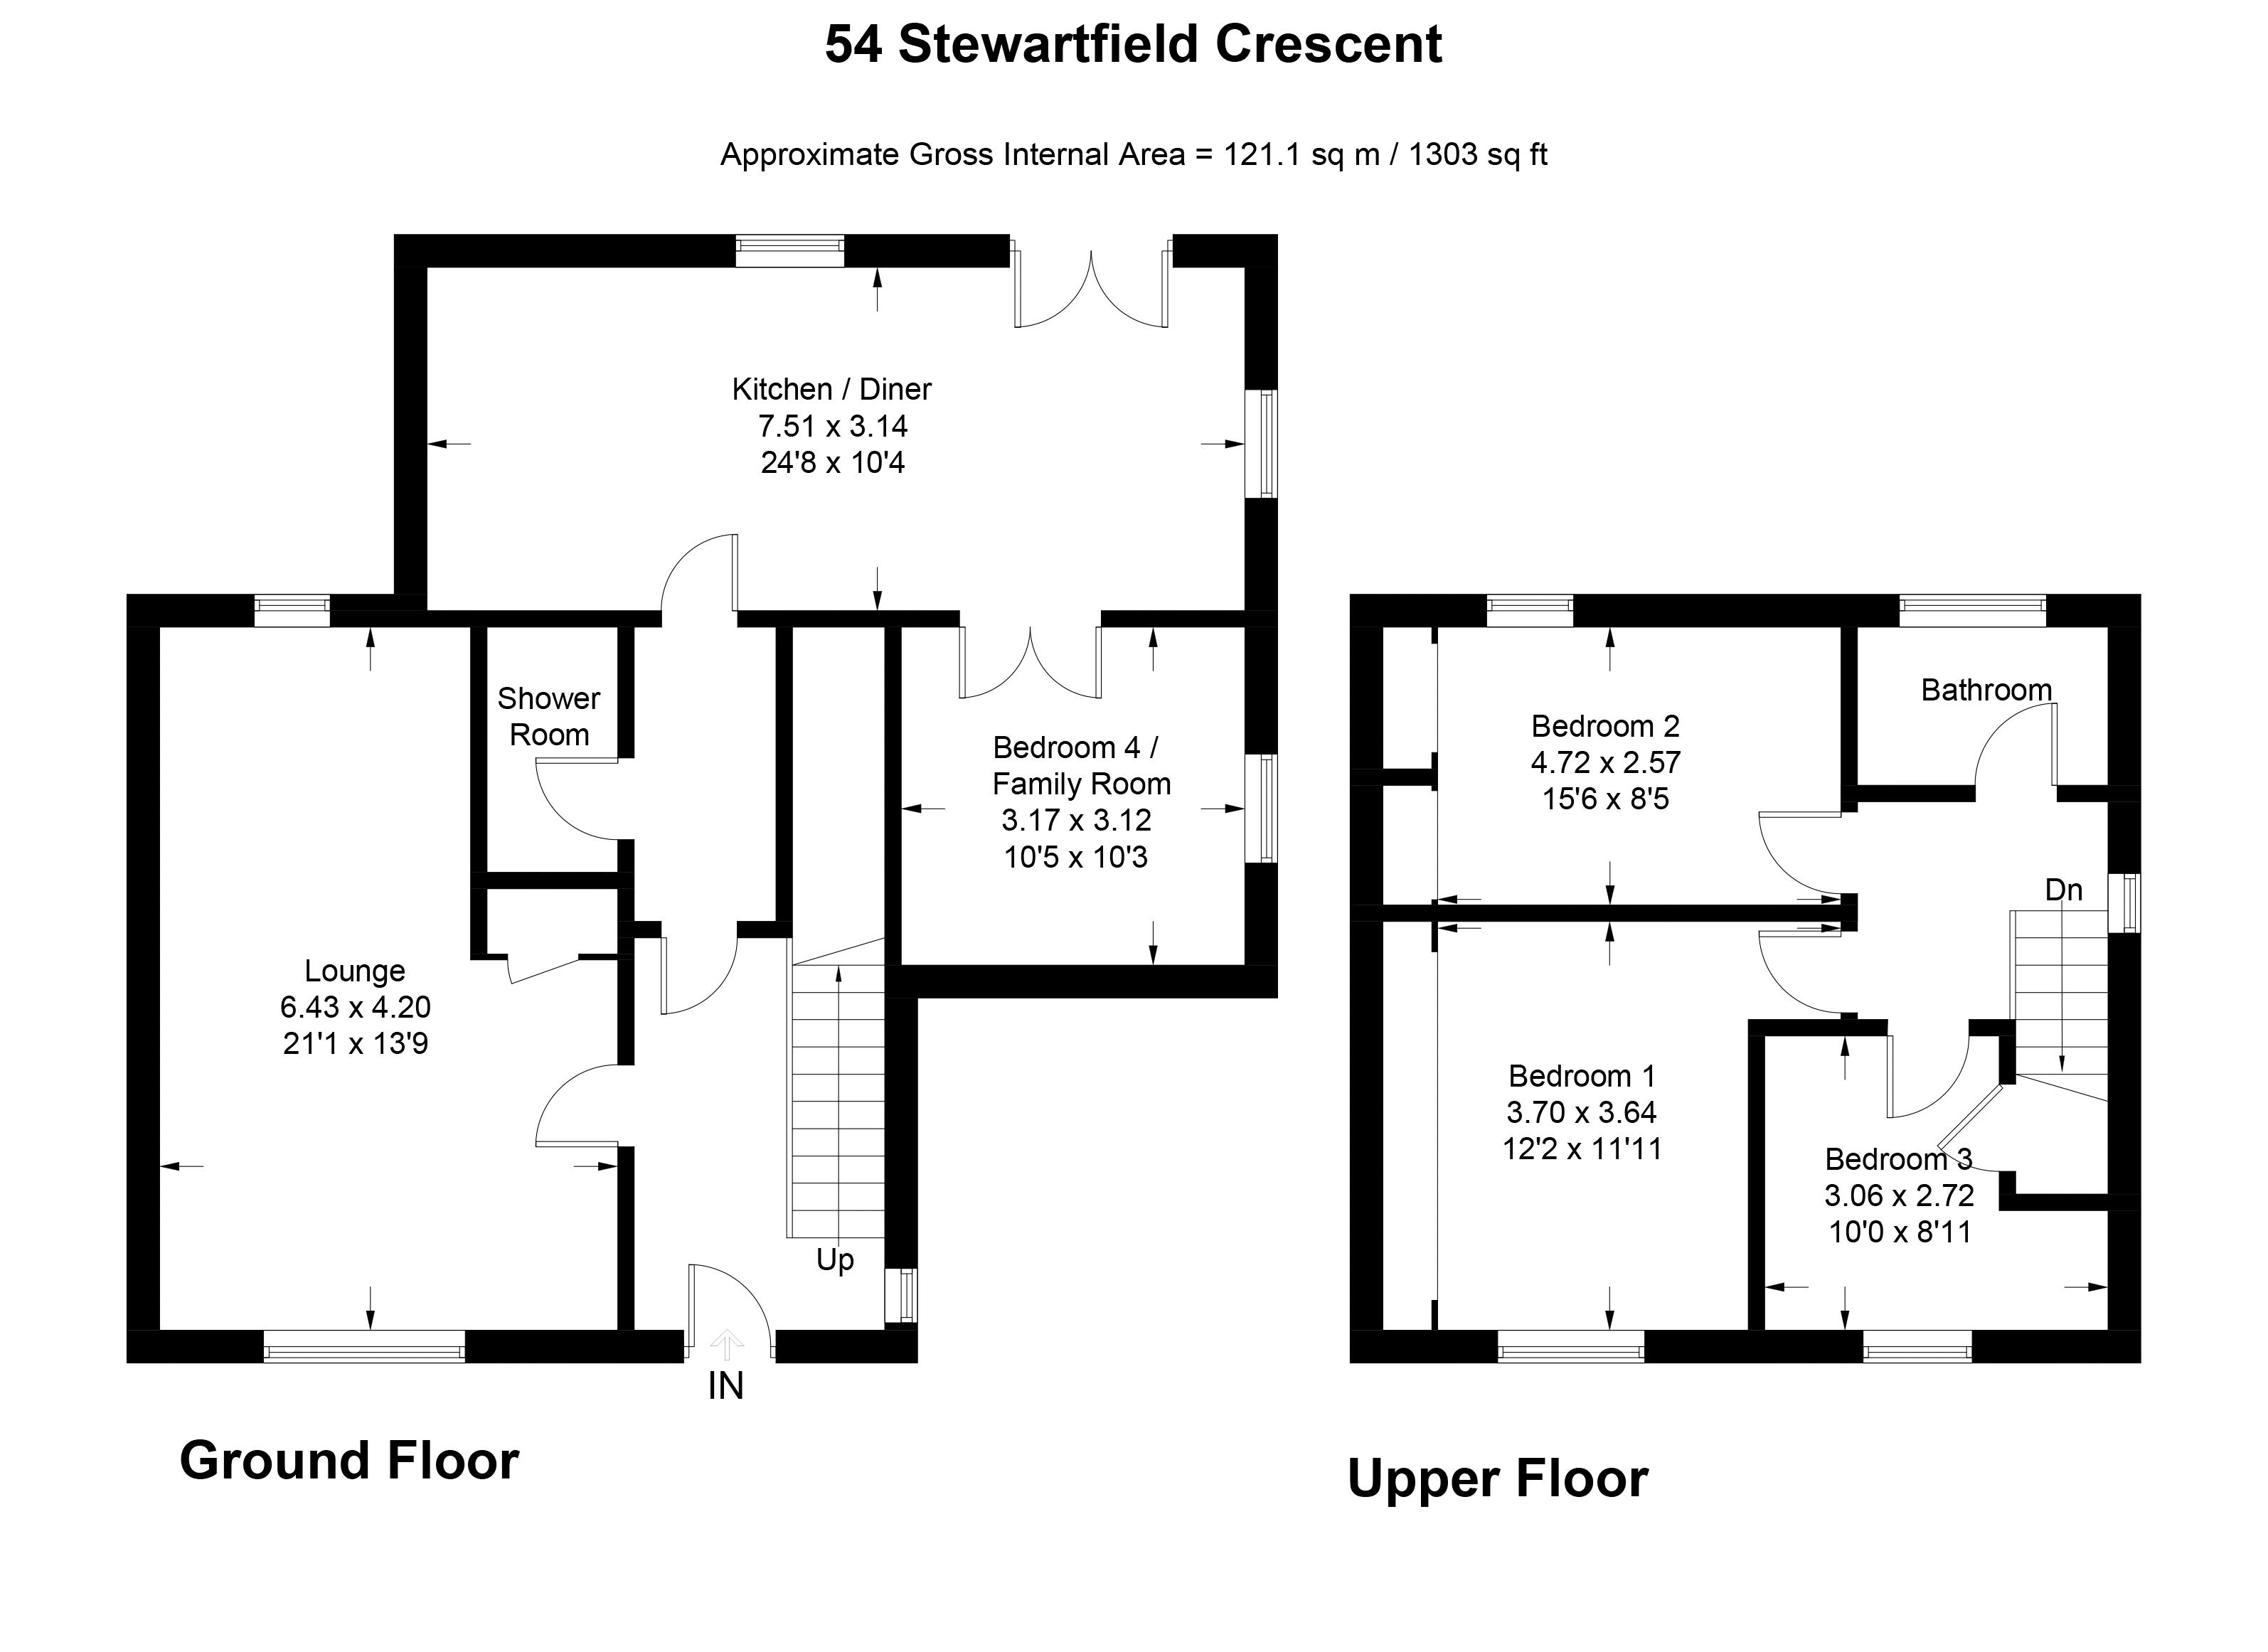 Stewartfield Crescent